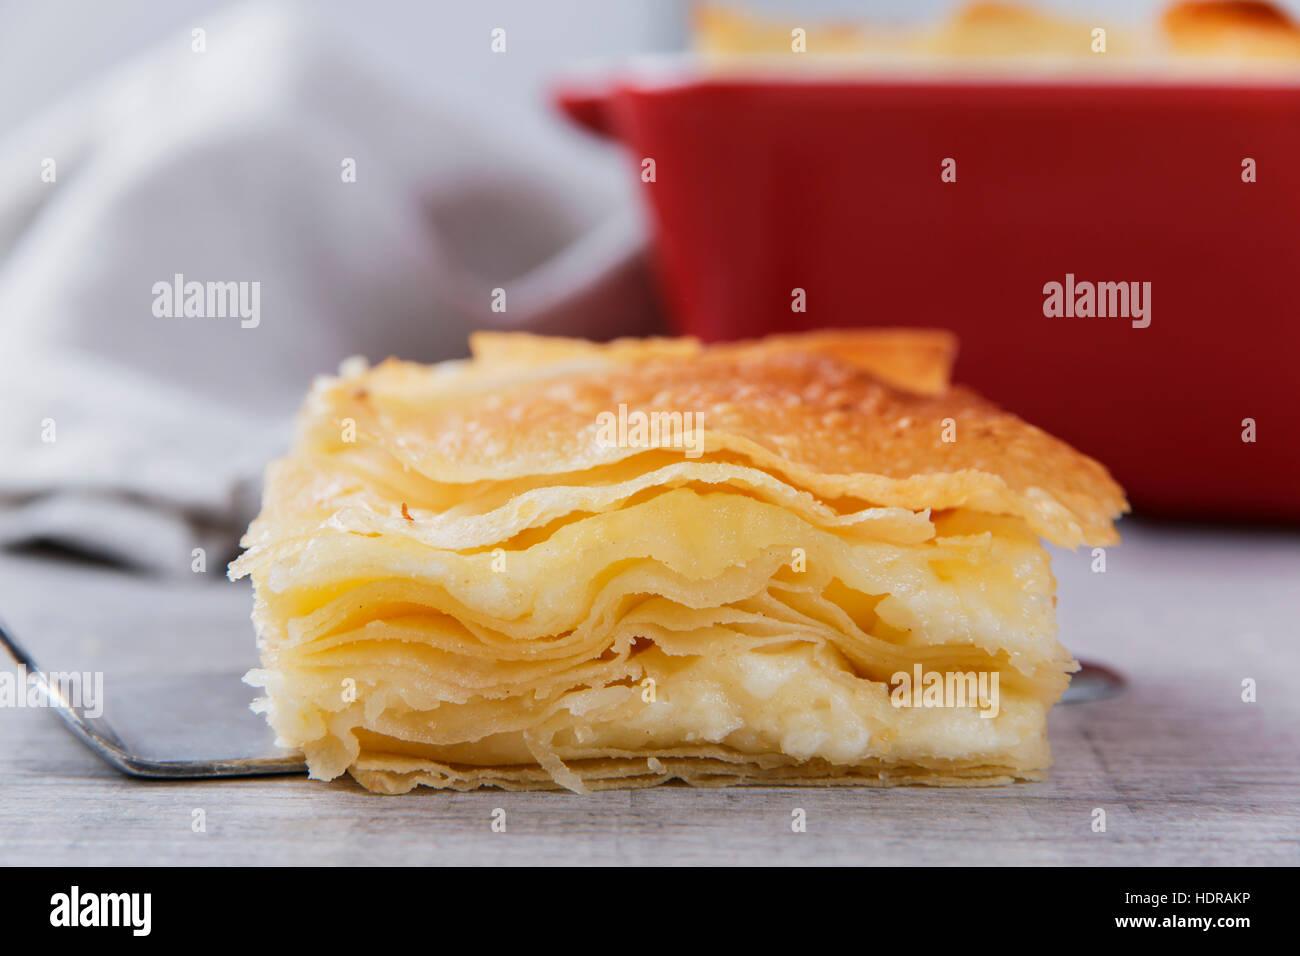 Fromage et pâtisserie tarte pâte filo burek Photo Stock